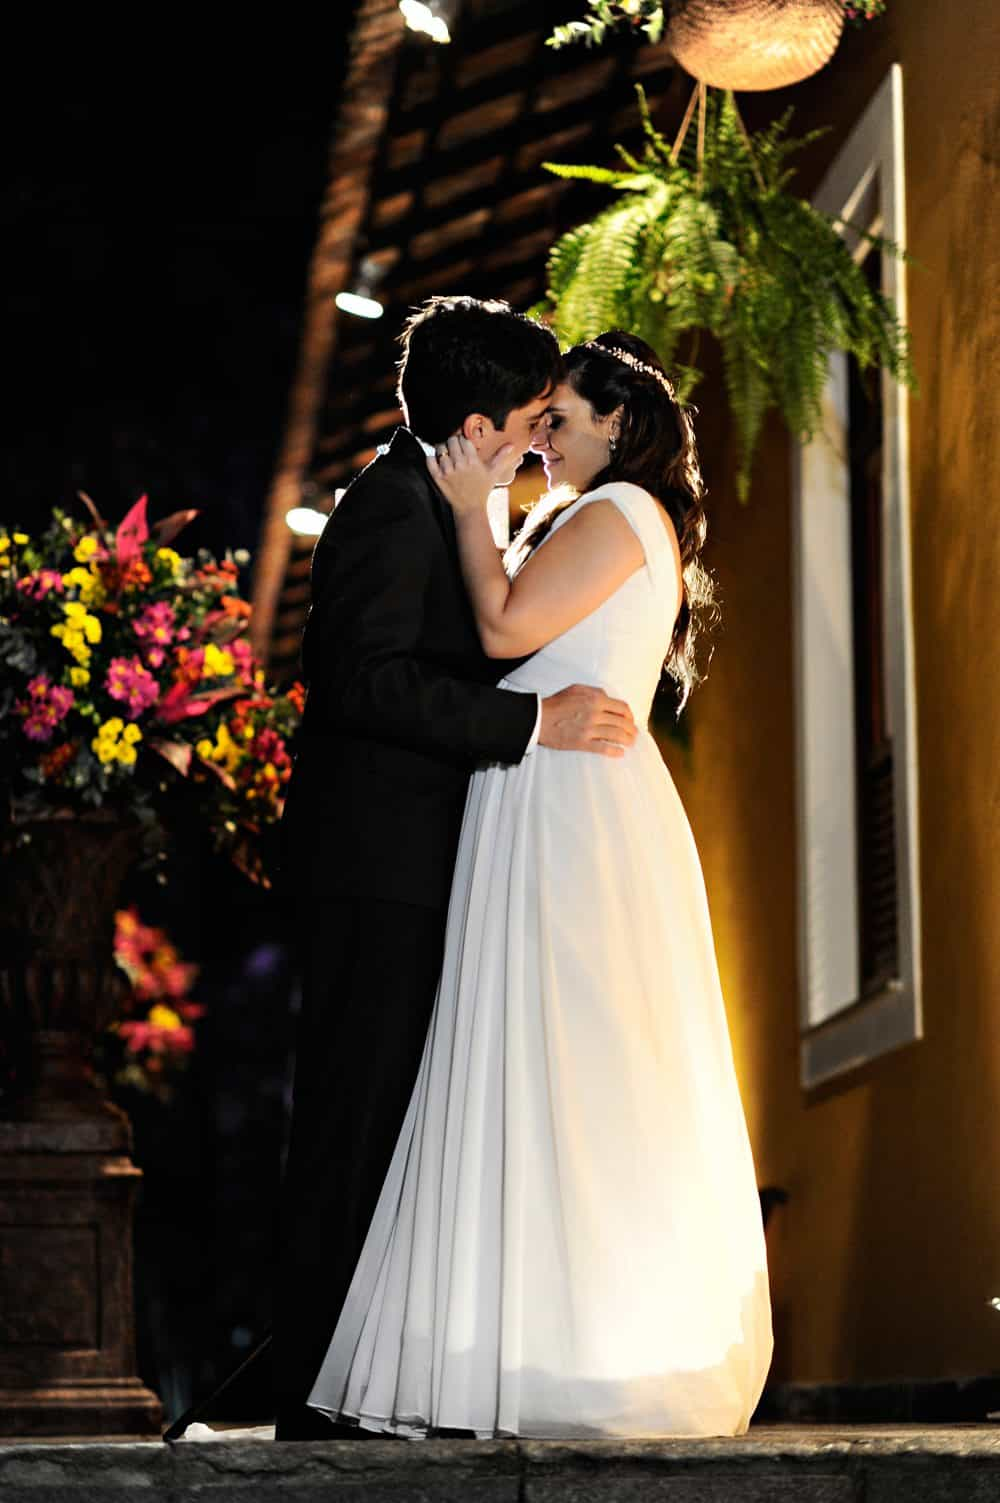 casamento-real-mariana-e-vinicius-caseme-12-2